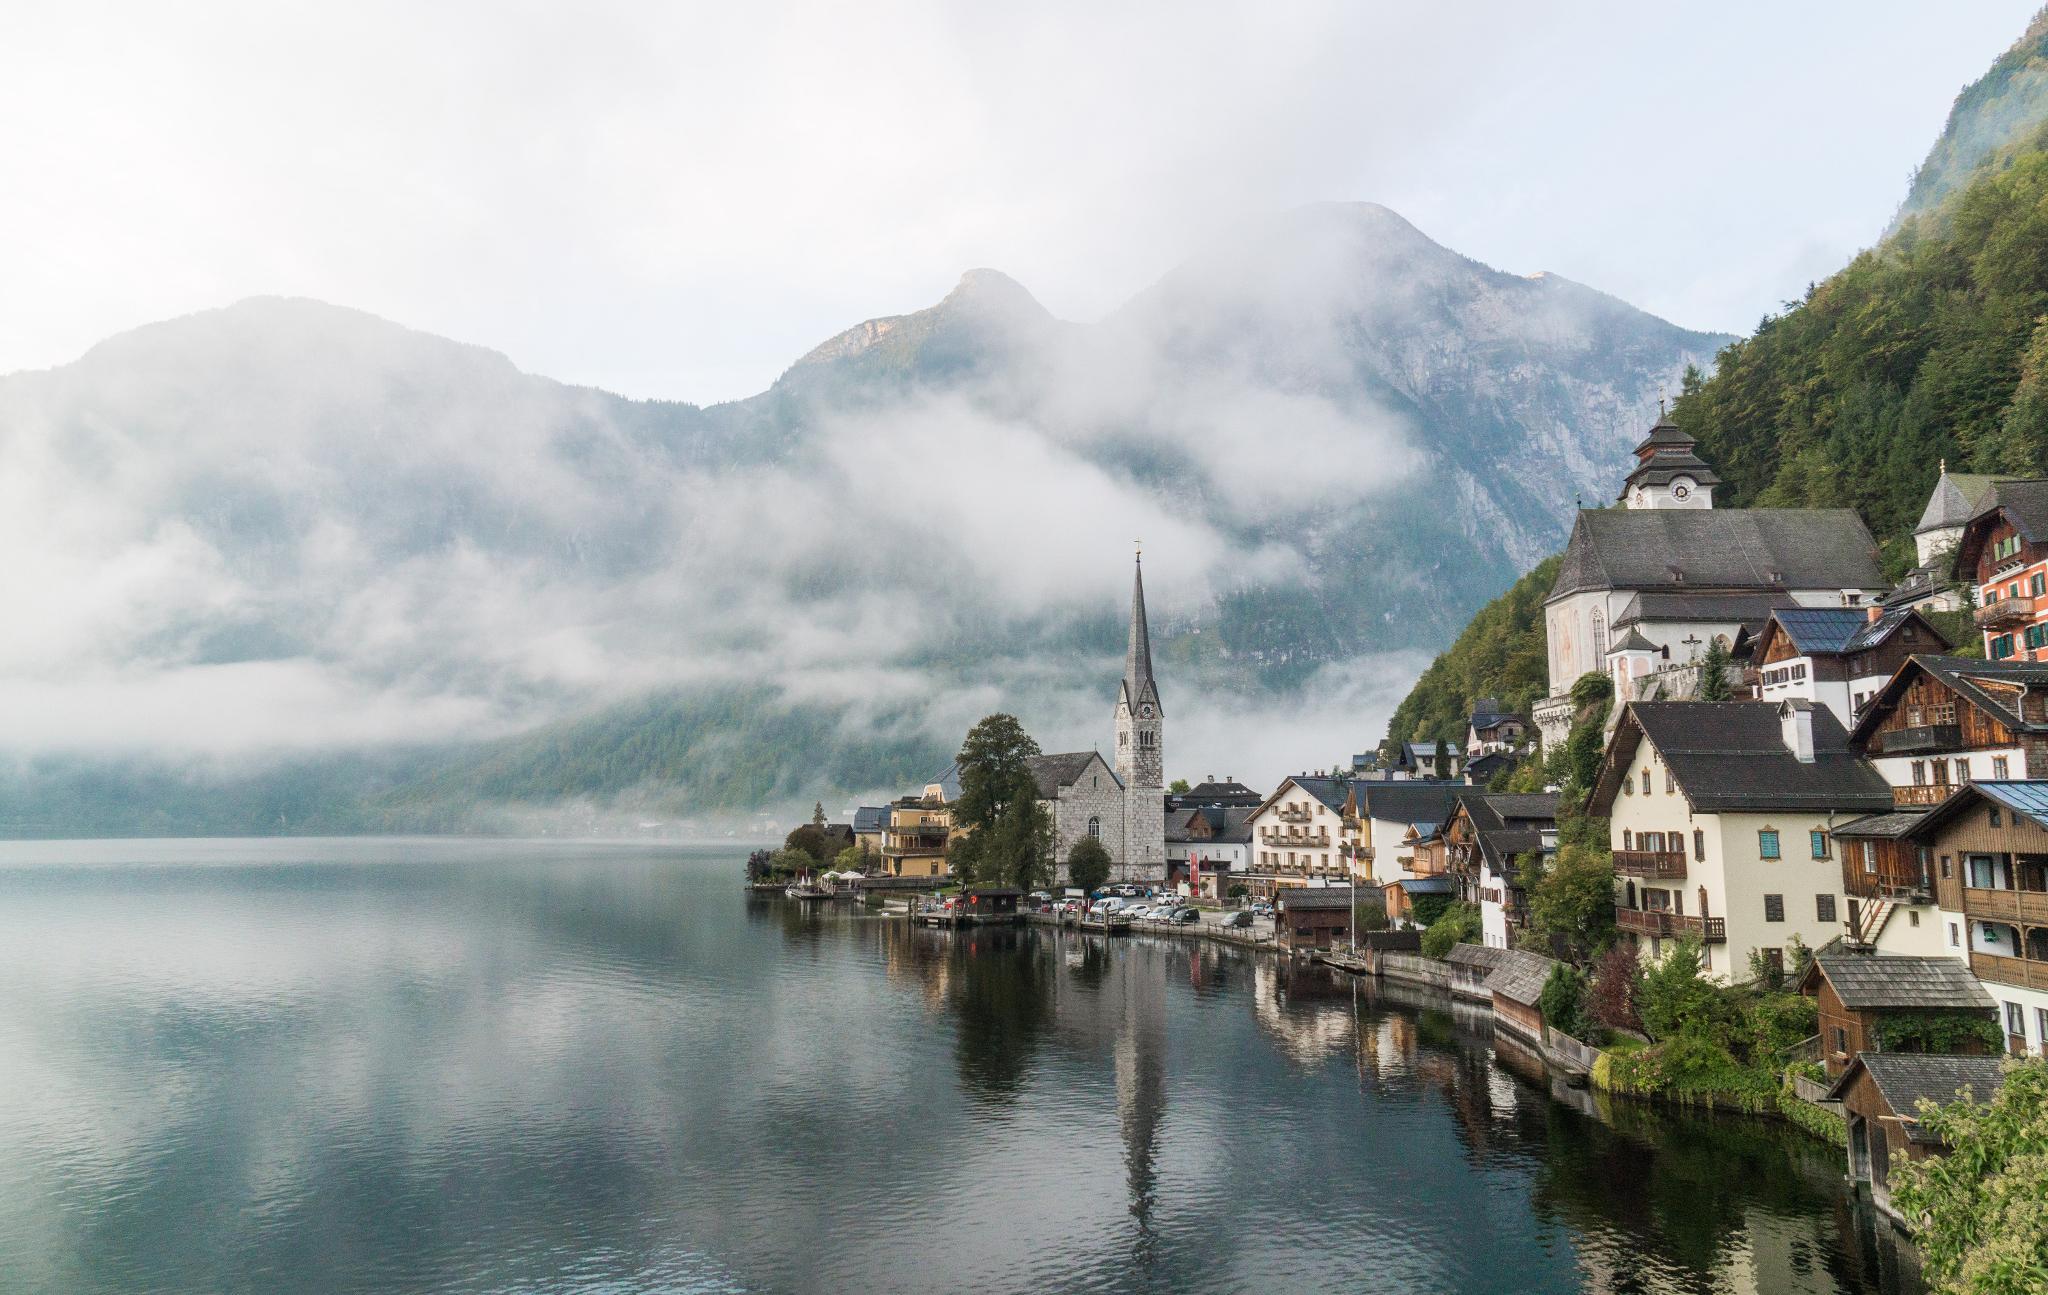 【奧地利】童話仙境 Hallstatt 哈修塔特 — 追逐世界遺產小鎮的夢幻黃金日出 14